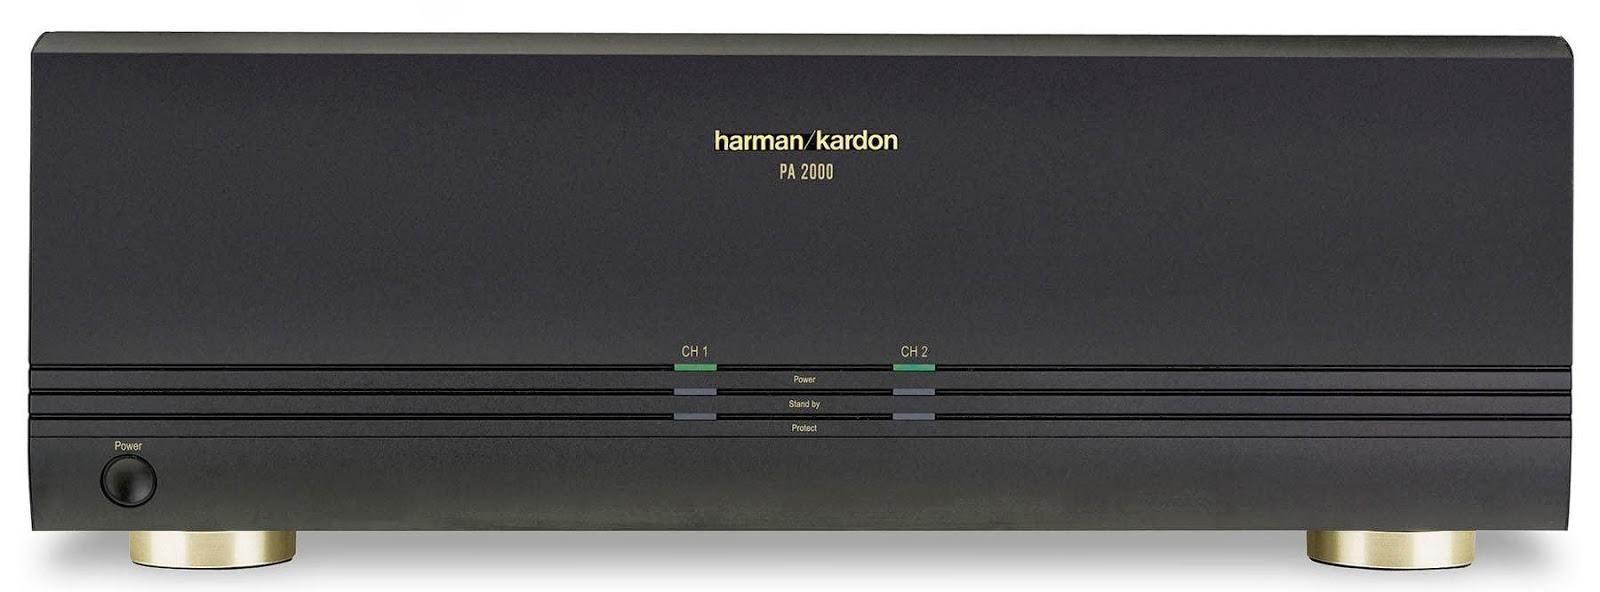 Harmon Kardon PA 2000 Bridgeable Multichannel Amplifier